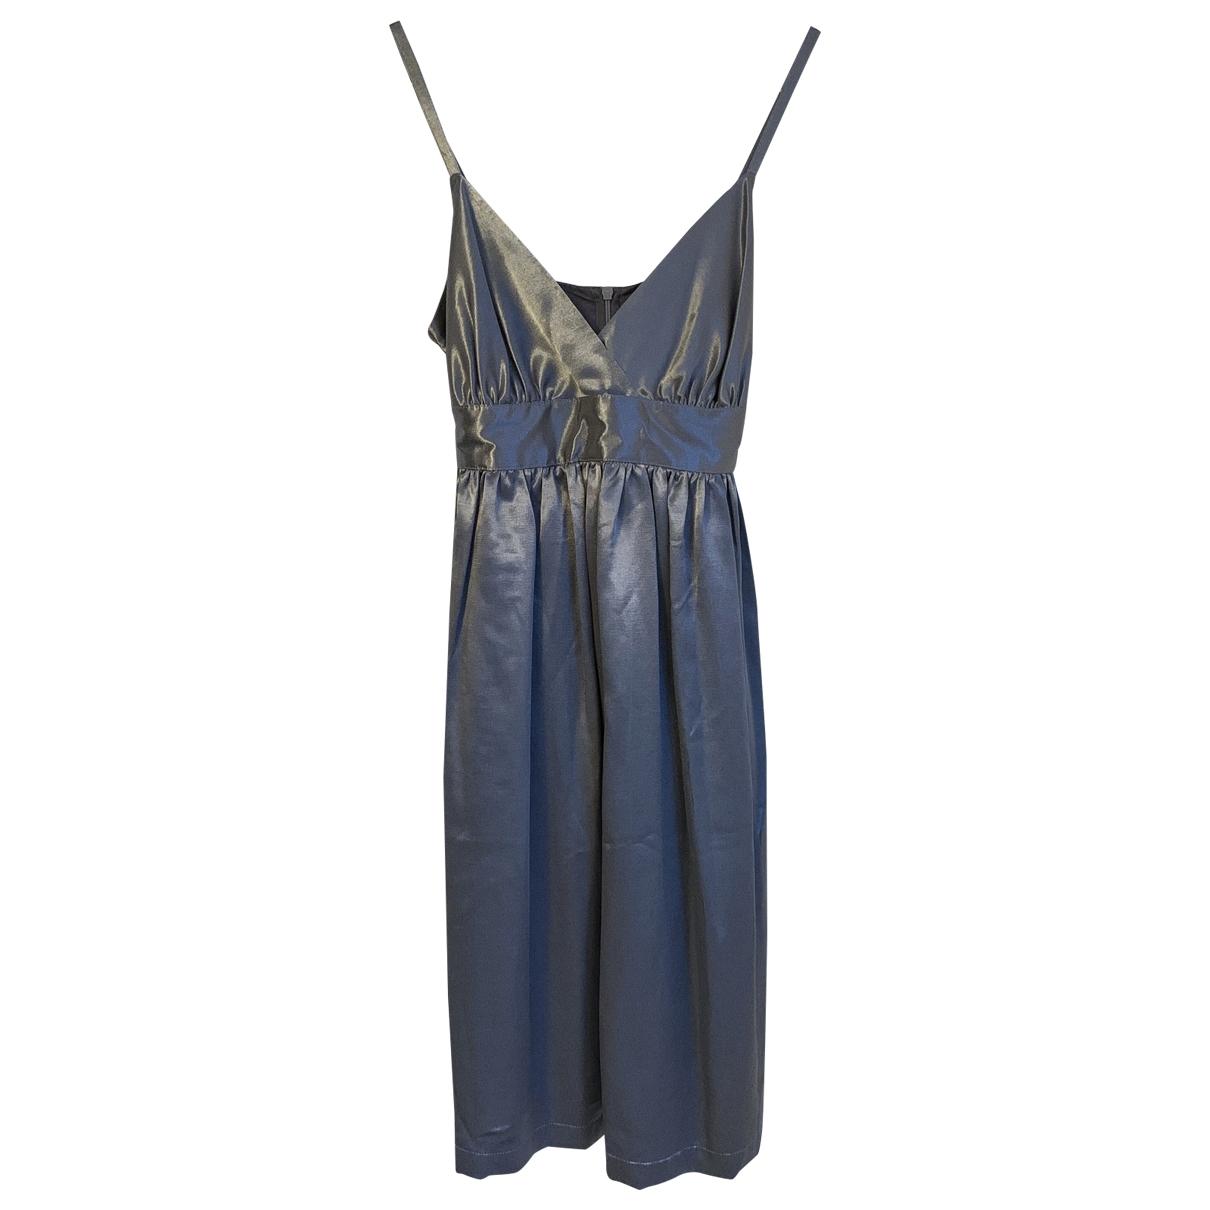 Tophop \N Kleid in  Grau Viskose